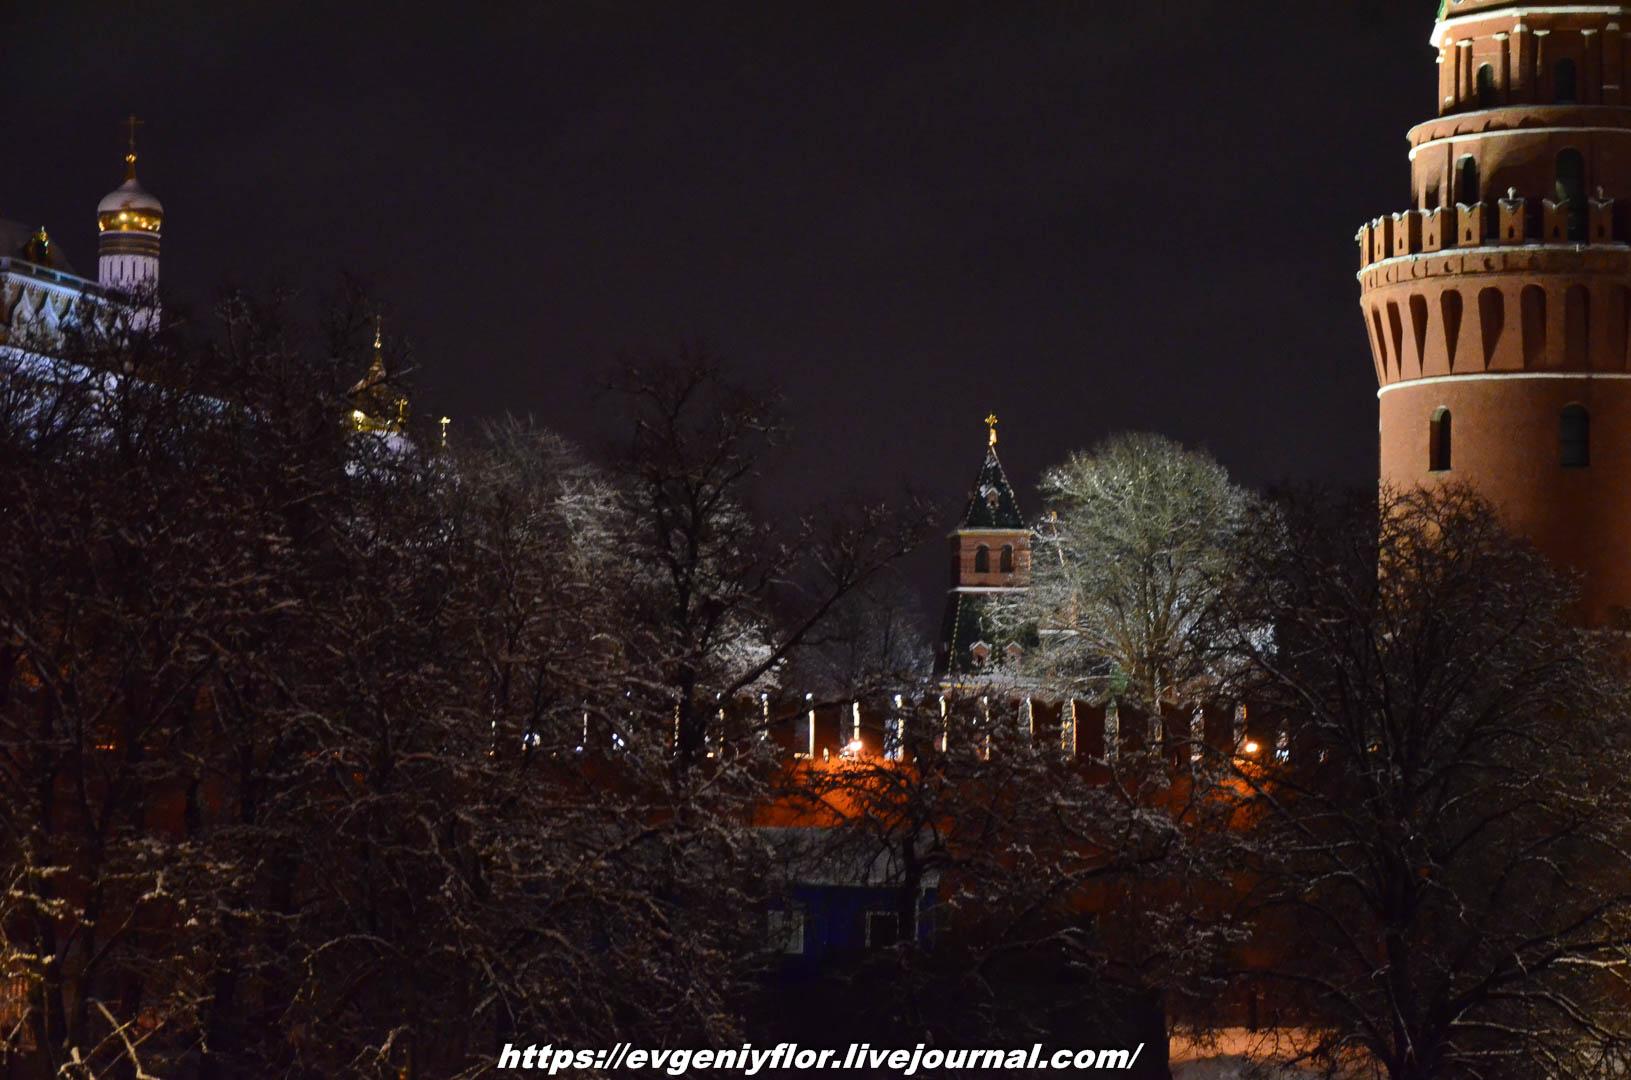 Вечерняя прогулка после снегопада    13 02 - 2019 Среда !Новая папка (2)6773.jpg